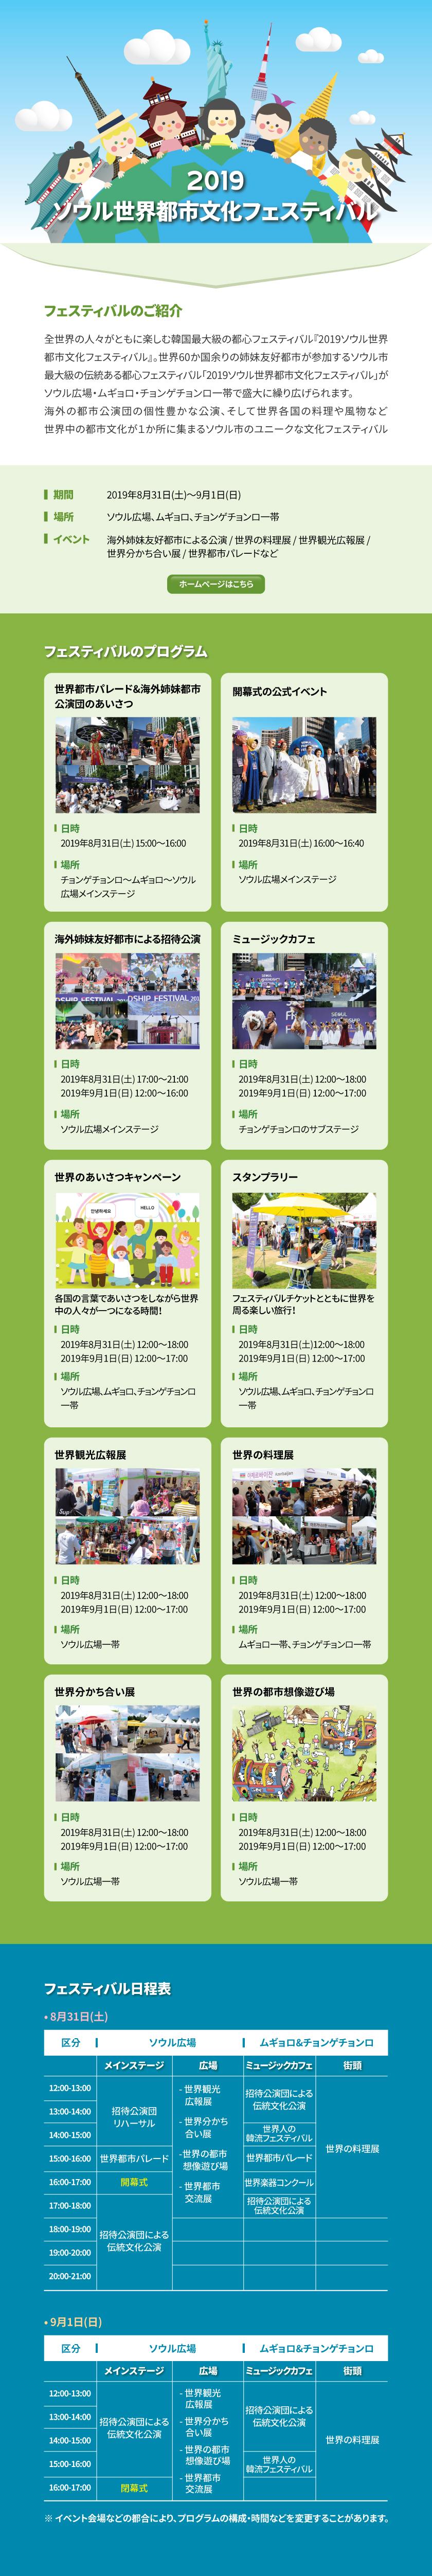 ソウル世界都市文化フェスティバル(SEOUL FRIENDSHIP FESTIVAL)  フェスティバルのご紹介 全世界の人々がともに楽しむ韓国最大級の都心フェスティバル『2019ソウル世界都市文化フェスティバル』  世界60か国余りの姉妹友好都市が参加するソウル市最大級の伝統ある都心フェスティバル 「2019ソウル世界都市文化フェスティバル」がソウル広場・ムギョロ・チョンゲチョンロ一帯で盛大に繰り広げられます。  海外の都市公演団の個性豊かな公演、そして世界各国の料理や風物など 世界中の都市文化が1か所に集まるソウル市のユニークな文化フェスティバル  期間:2019年8月31日(土)~9月1日(日) 場所:ソウル広場、ムギョロ、チョンゲチョンロ一帯 イベント:海外姉妹友好都市による公演 / 世界の料理展 / 世界観光広報展 / 世界分かち合い展 / 世界都市パレードなど ホームページ:https://seoulfriendshipfestival.org/sff/2019/en/       [ホームページはこちら]  フェスティバルのプログラム ------------------------------------------------------------------------------------------ 世界都市パレード&海外姉妹都市公演団のあいさつ 日時:2019年8月31日(土) 15:00~16:00 場所:チョンゲチョンロ~ムギョロ~ソウル広場メインステージ ------------------------------------------------------------------------------------------ 開幕式の公式イベント 日時:2019年8月31日(土) 16:00~16:40 場所:ソウル広場メインステージ ------------------------------------------------------------------------------------------ 海外姉妹友好都市による招待公演 日時:2019年8月31日(土) 17:00~21:00 2019年9月1日(日) 12:00~16:00 場所:ソウル広場メインステージ ------------------------------------------------------------------------------------------ ミュージックカフェ 日時:2019年8月31日(土) 12:00~18:00 2019年9月1日(日) 12:00~17:00 場所:チョンゲチョンロのサブステージ ------------------------------------------------------------------------------------------ 世界のあいさつキャンペーン 各国の言葉であいさつをしながら世界中の人々が一つになる時間! 日時:2019年8月31日(土) 12:00~18:00 2019年9月1日(日) 12:00~17:00 場所:ソウル広場、ムギョロ、チョンゲチョンロ一帯 ------------------------------------------------------------------------------------------ スタンプラリー フェスティバルチケットとともに世界を周る楽しい旅行! 日時:2019年8月31日(土)12:00~18:00 2019年9月1日(日) 12:00~17:00 場所: ソウル広場、ムギョロ、チョンゲチョンロ一帯 ------------------------------------------------------------------------------------------ 世界観光広報展 日時:2019年8月31日(土) 12:00~18:00 2019年9月1日(日) 12:00~17:00 場所:ソウル広場一帯 ------------------------------------------------------------------------------------------ 世界の料理展 日時:2019年8月31日(土) 12:00~18:00 2019年9月1日(日) 12:00~17:00 場所:ムギョロ一帯、チョンゲチョンロ一帯 -----------------------------------------------------------------------------------------